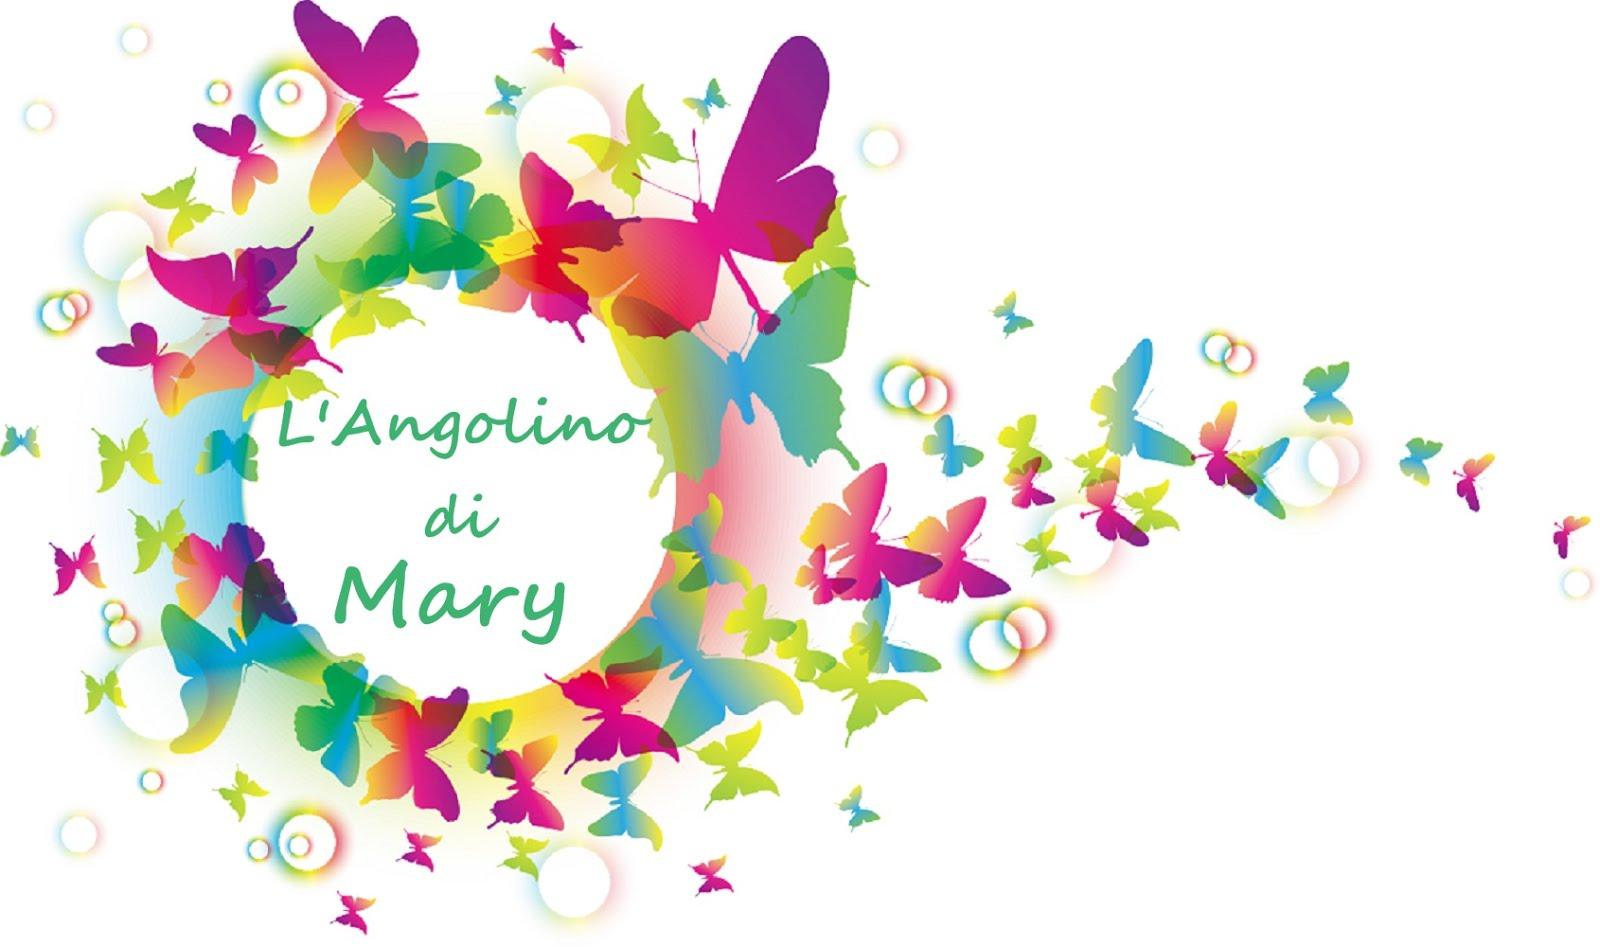 L'Angolino di Mary